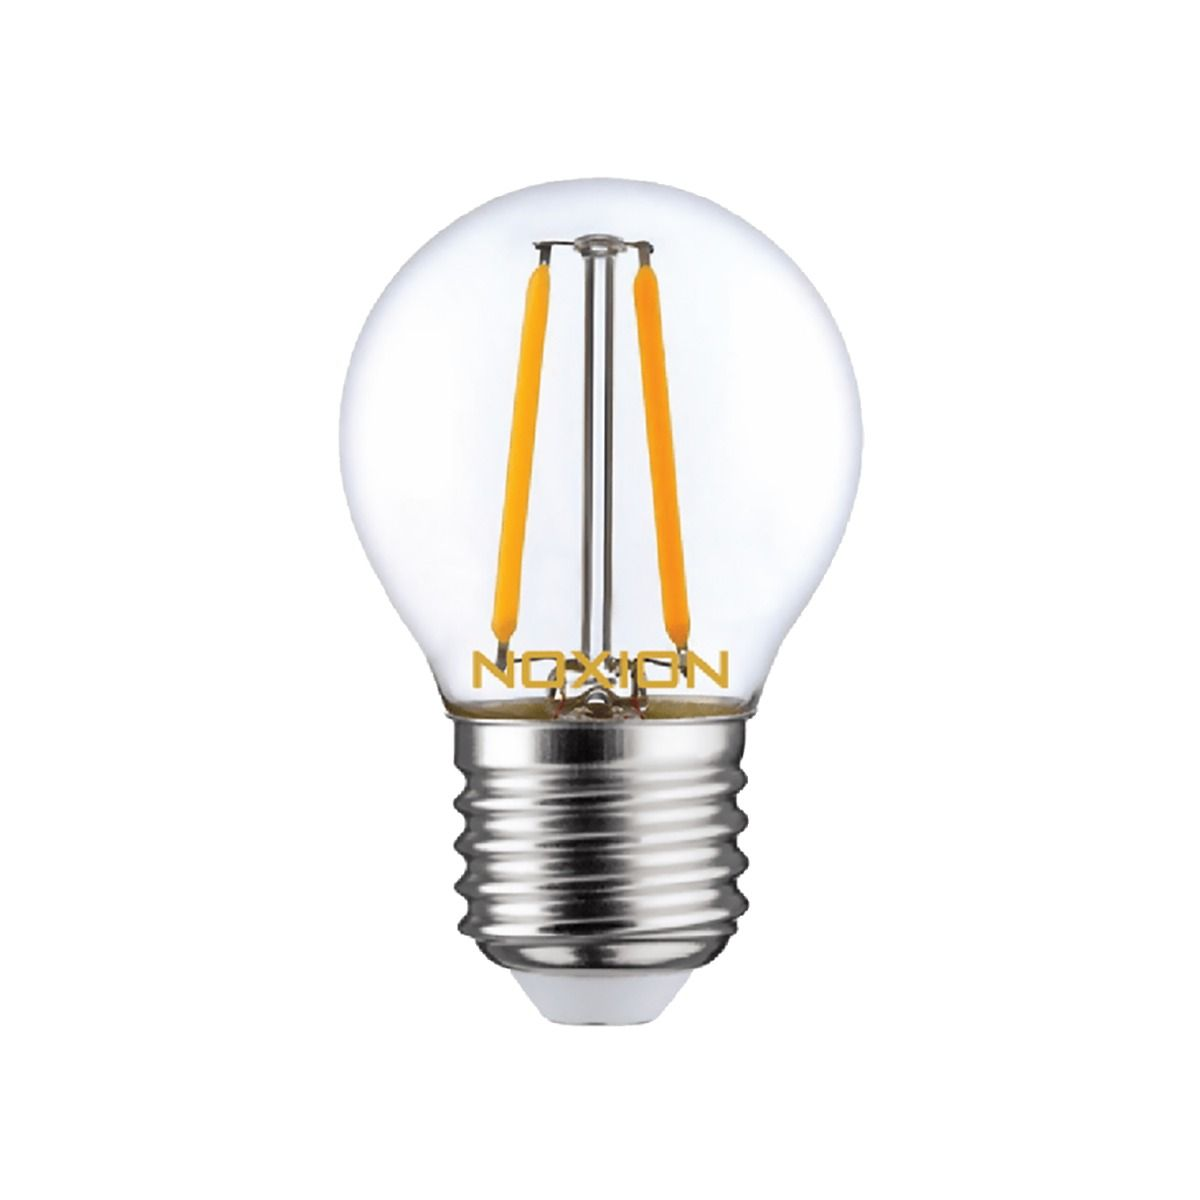 Noxion Lucent LED Lustre E27 2.6W 827 Kooldraad | Vervanger voor 25W